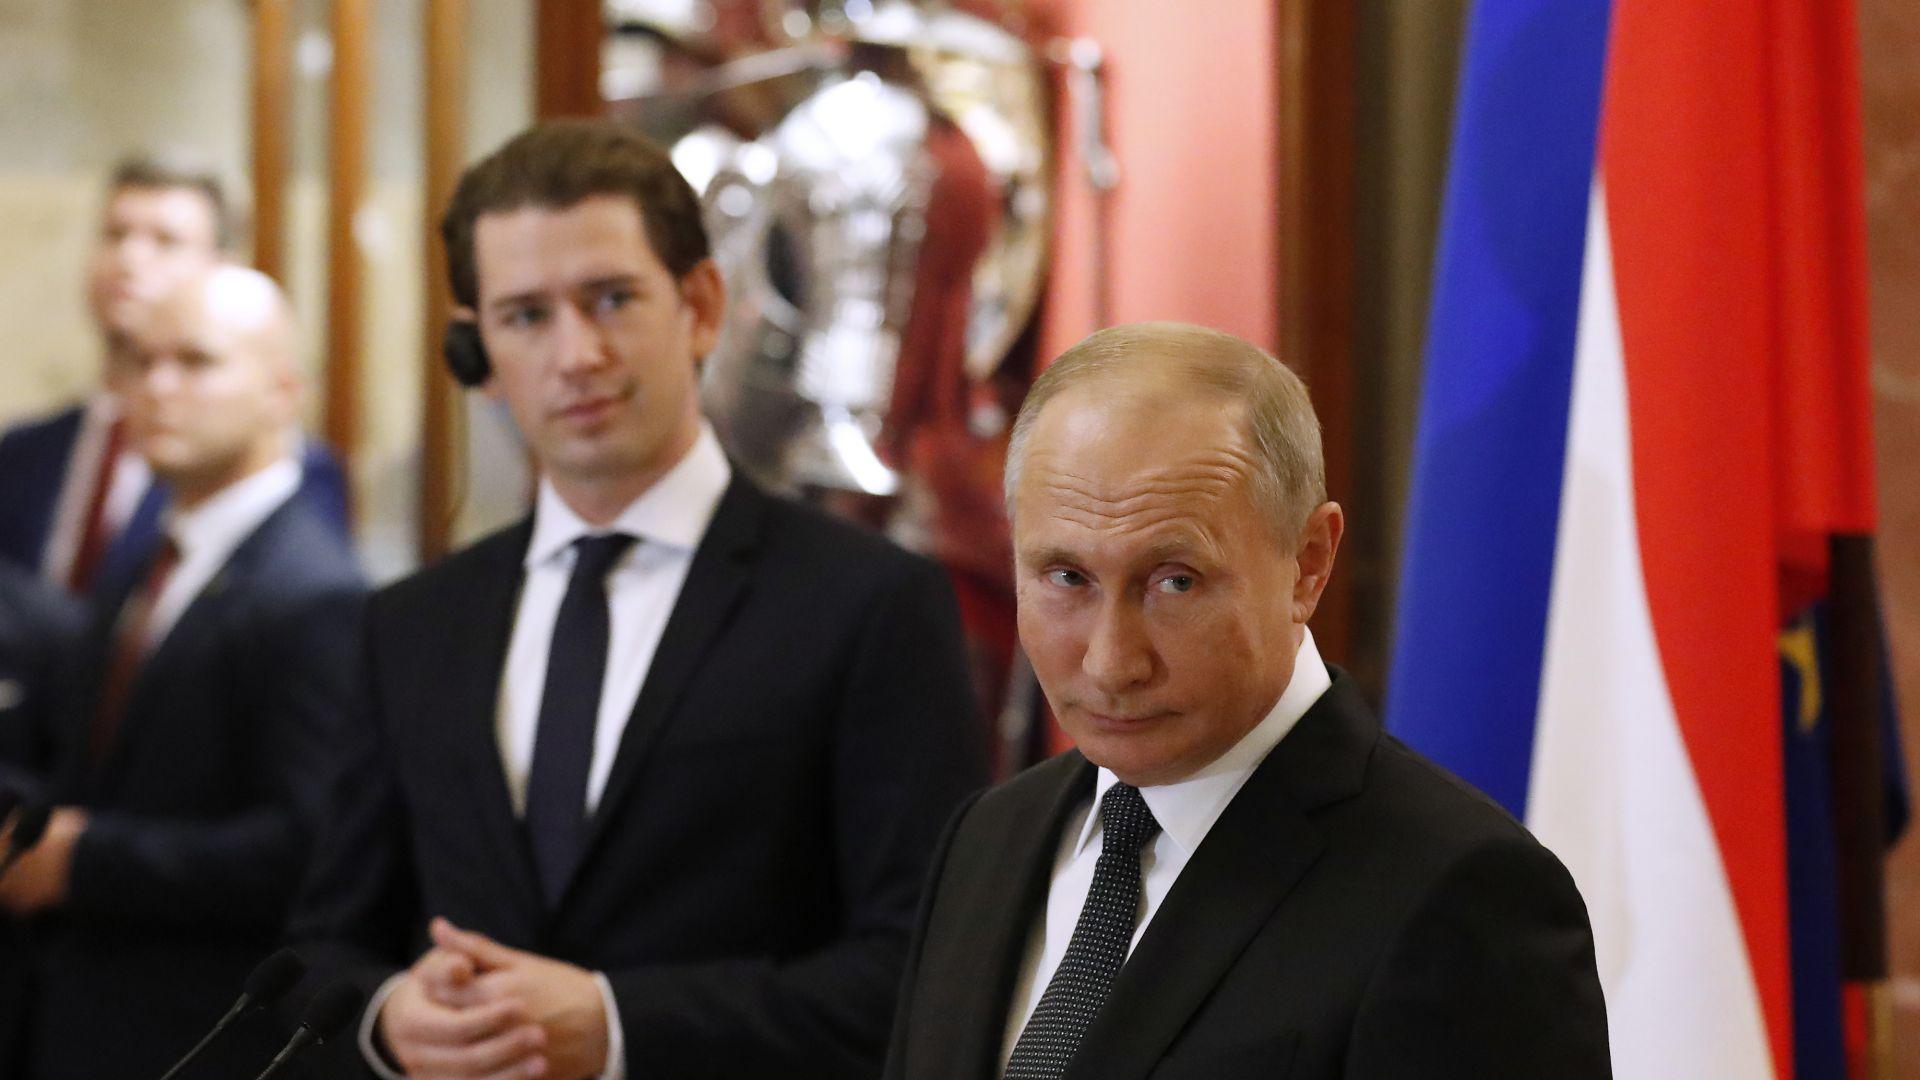 Курц отиде в Русия за изкуство, но ще говори за бизнес и политика